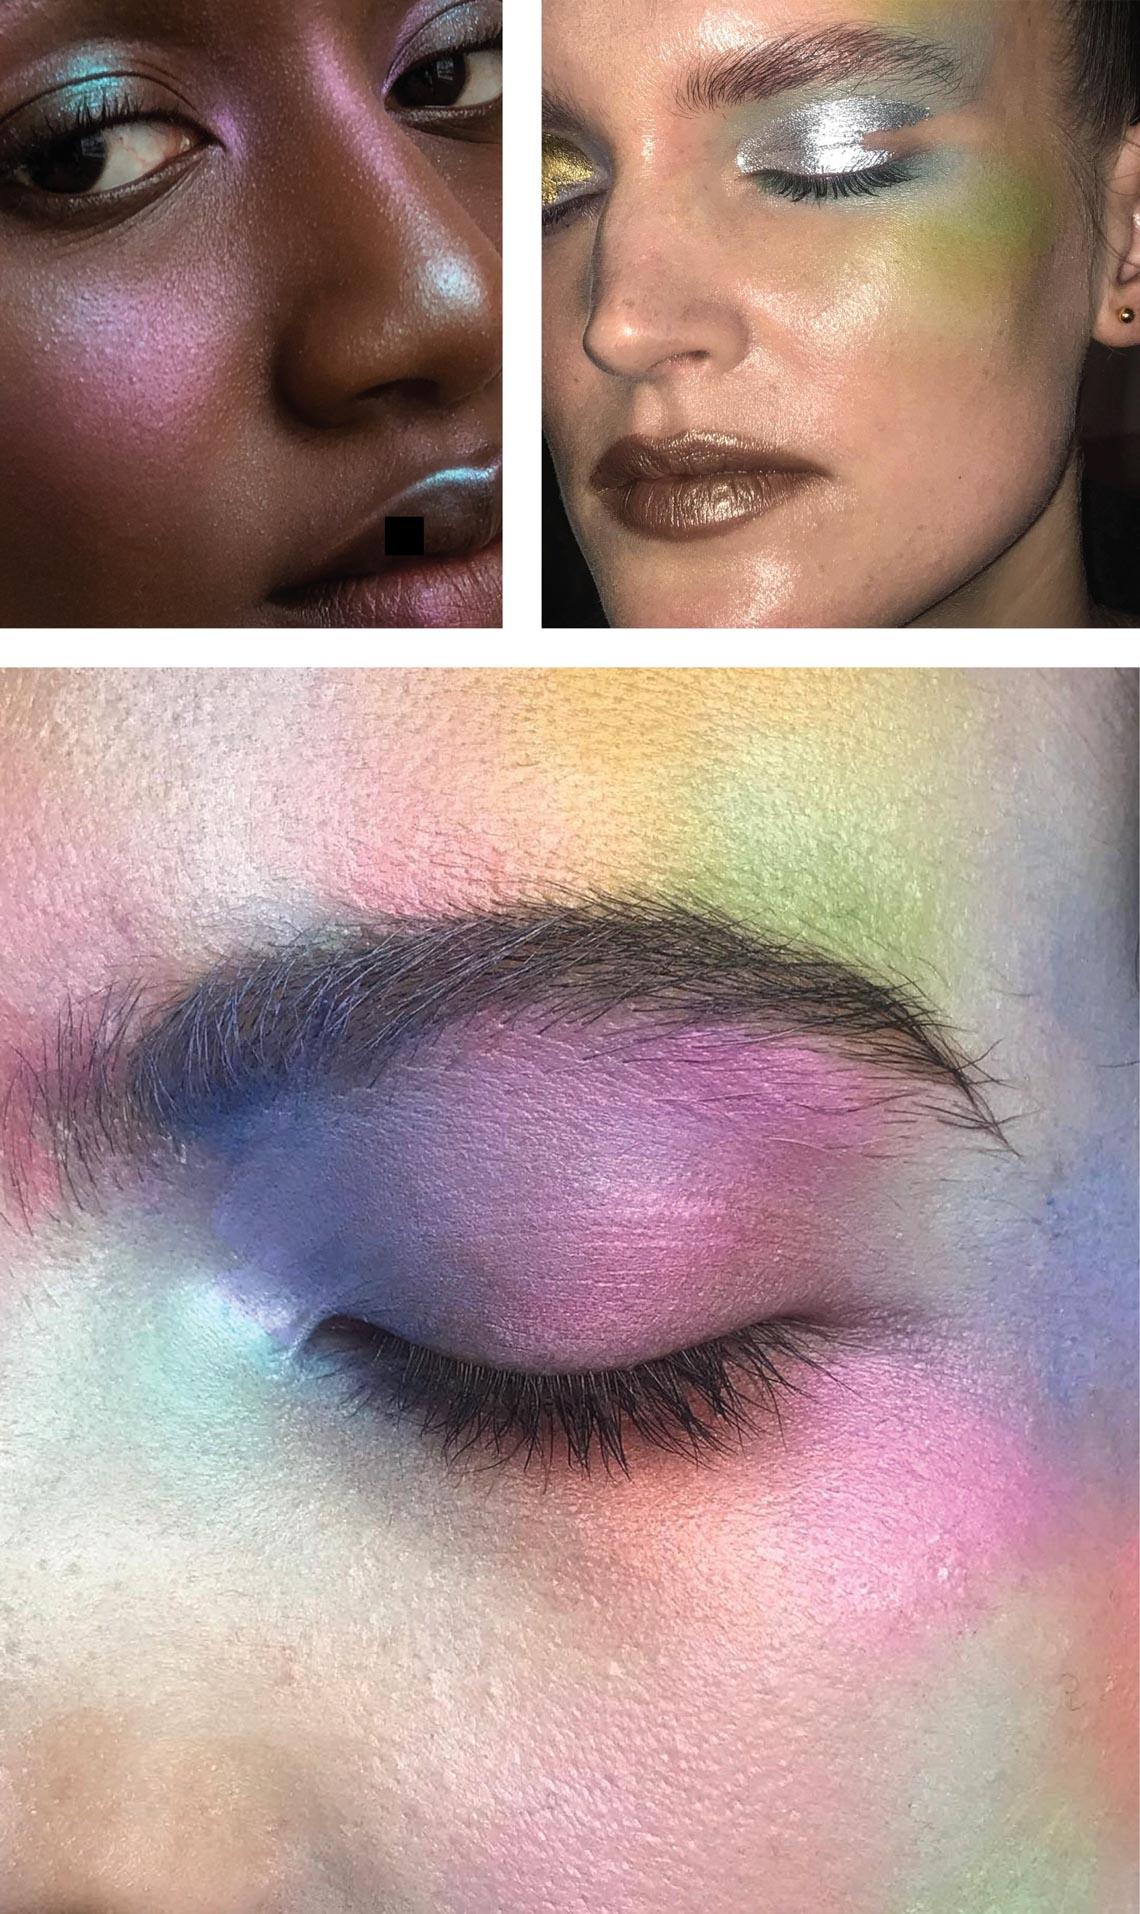 Những nghệ sĩ makeup trên Instagram định nghĩa lại cái đẹp - 4